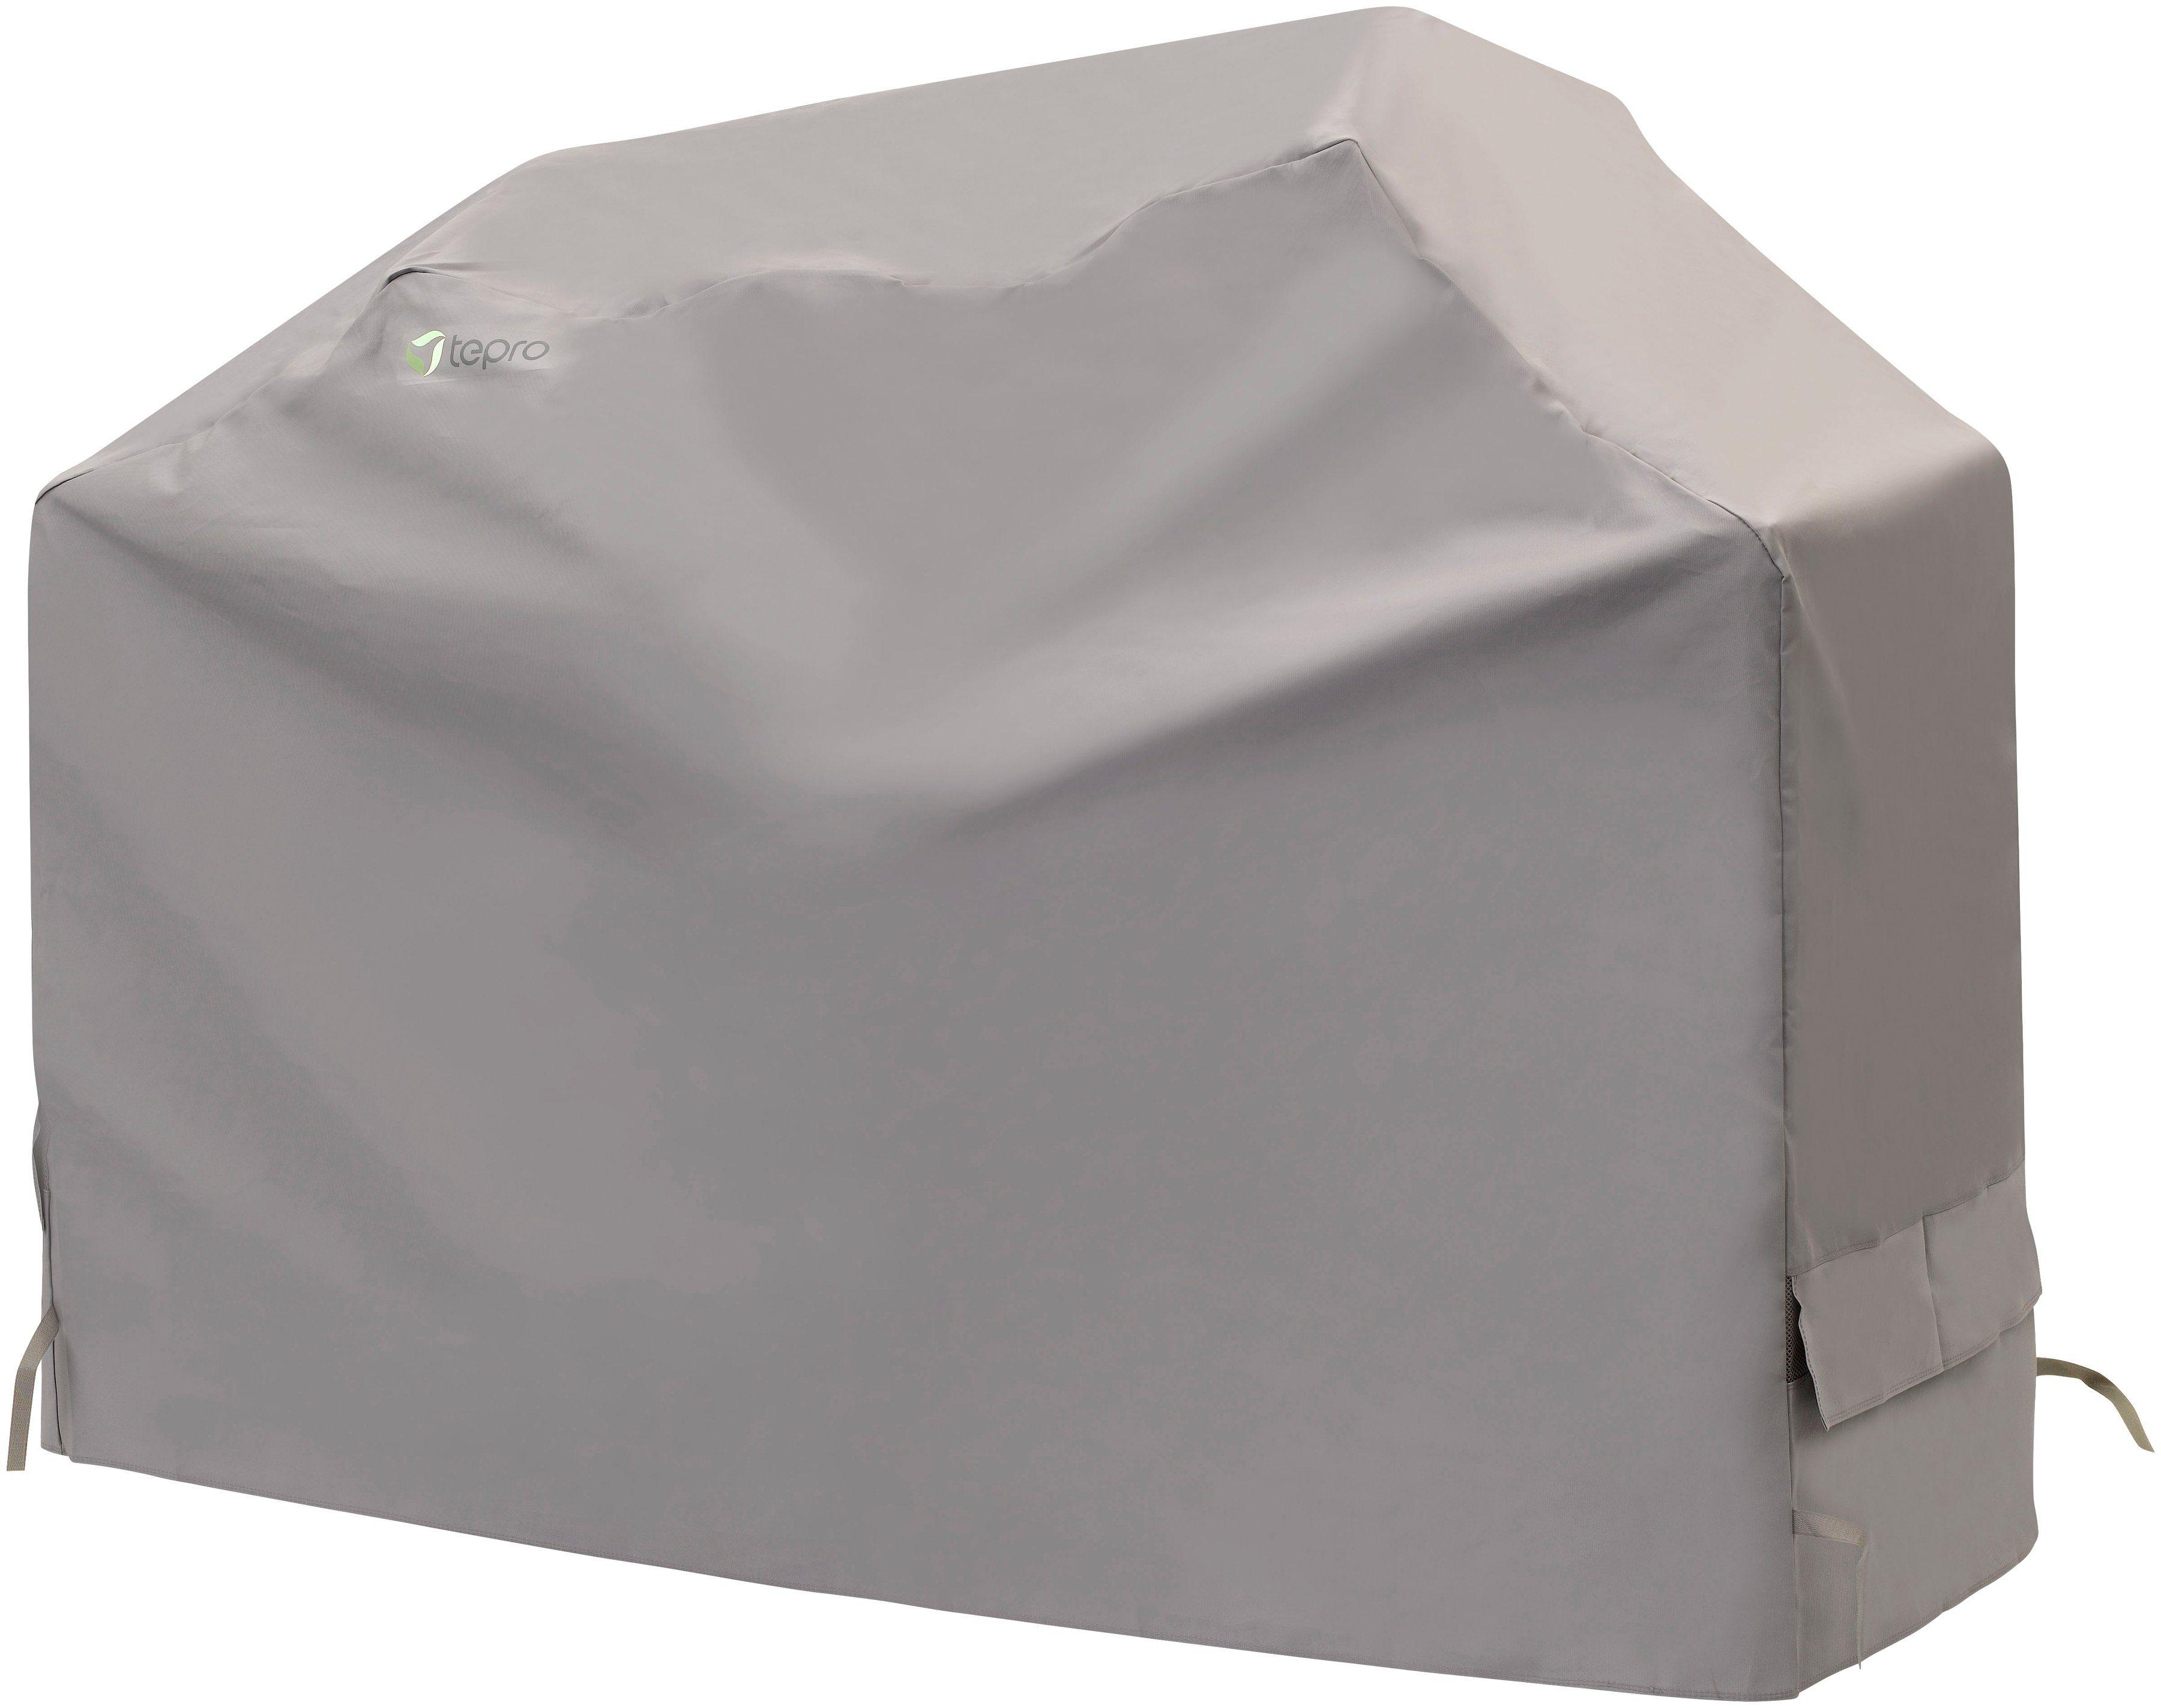 Enders Gasgrill Oakland 3 S : Gasgrill abdeckhaube preisvergleich u2022 die besten angebote online kaufen